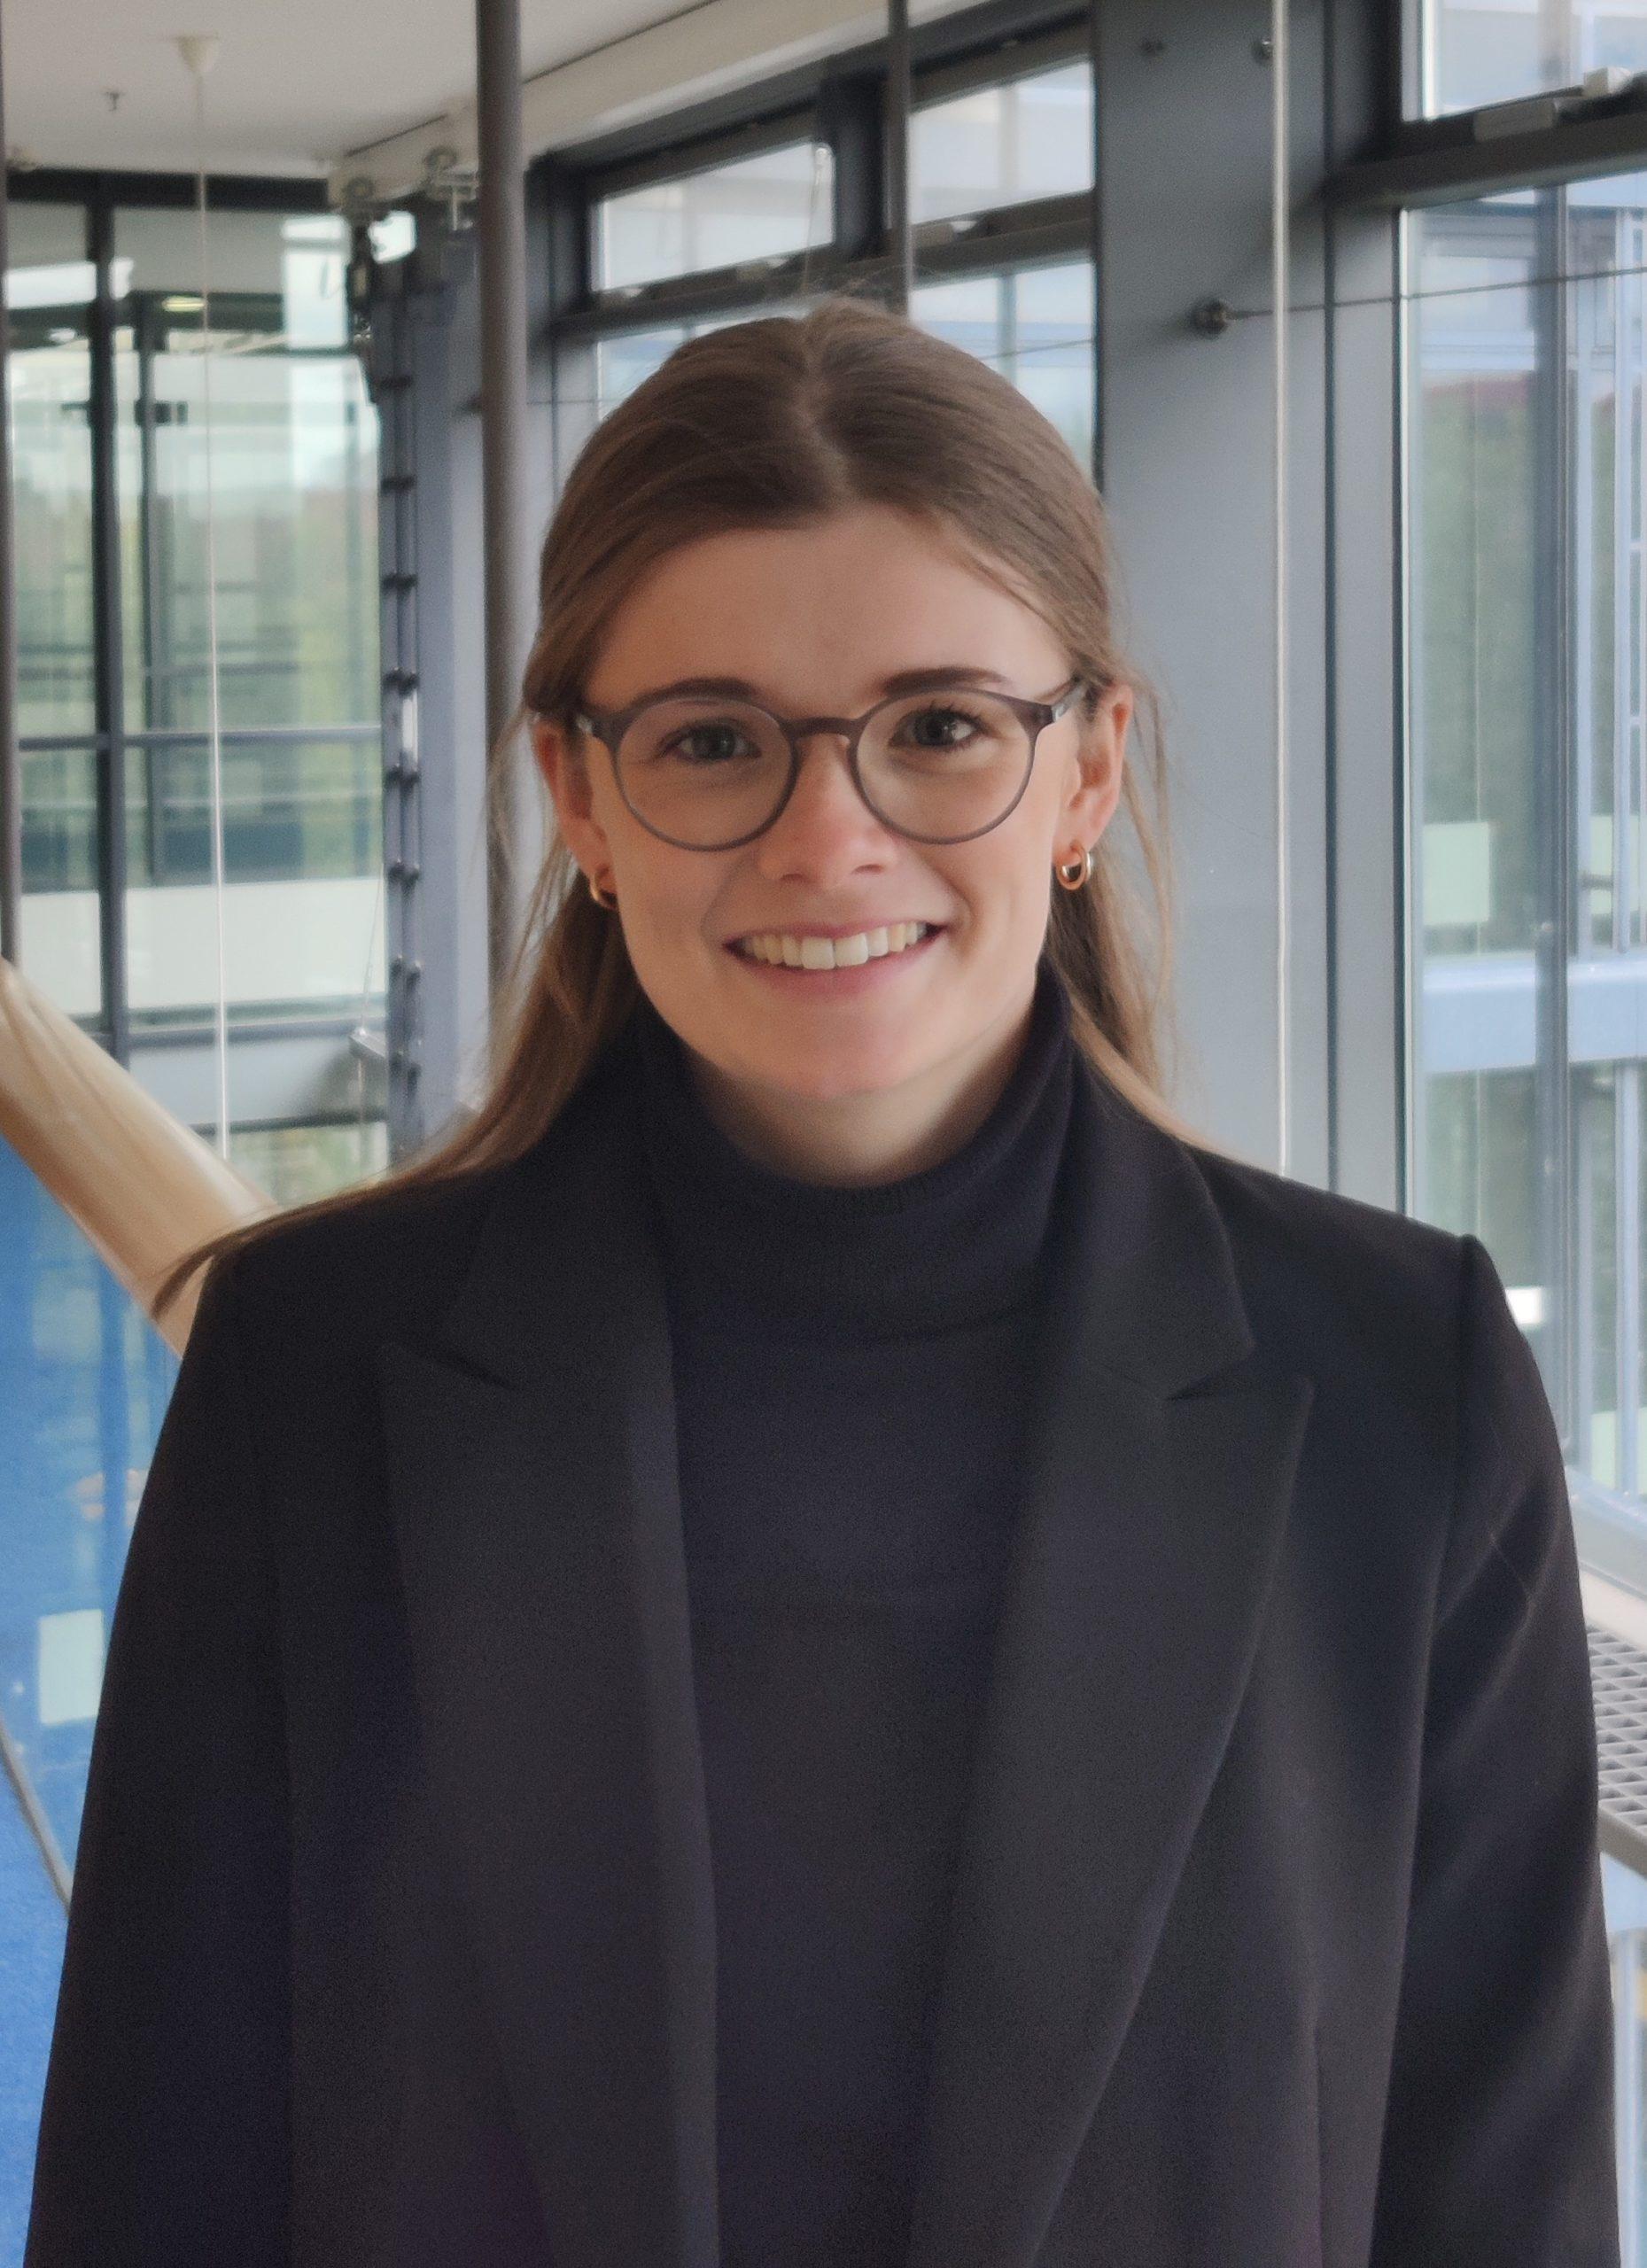 Lauren Mackintosh